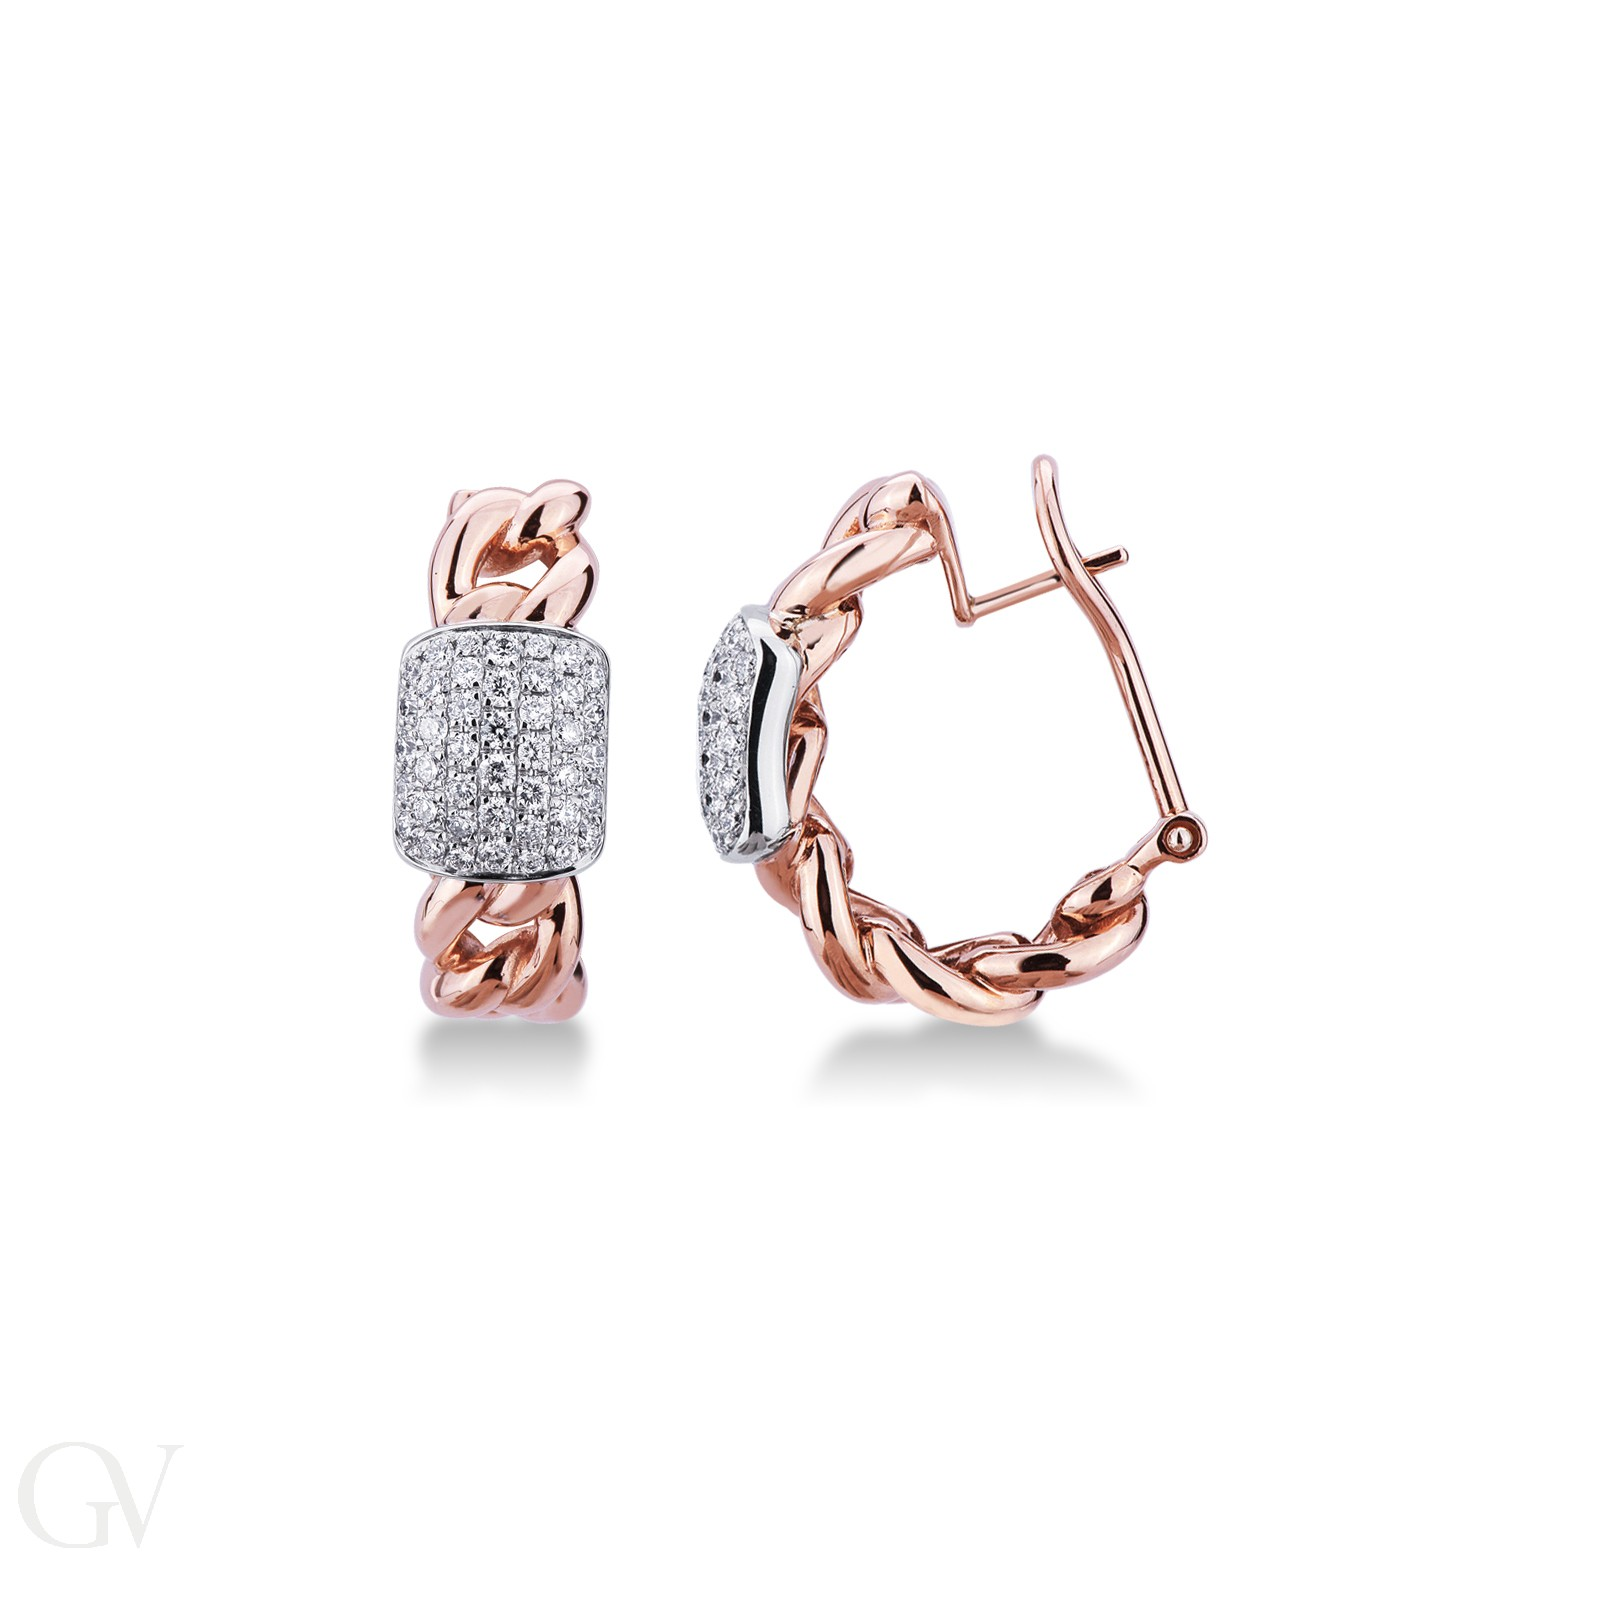 Orecchini a groumette in oro rosa e bianco 18k con diamanti.